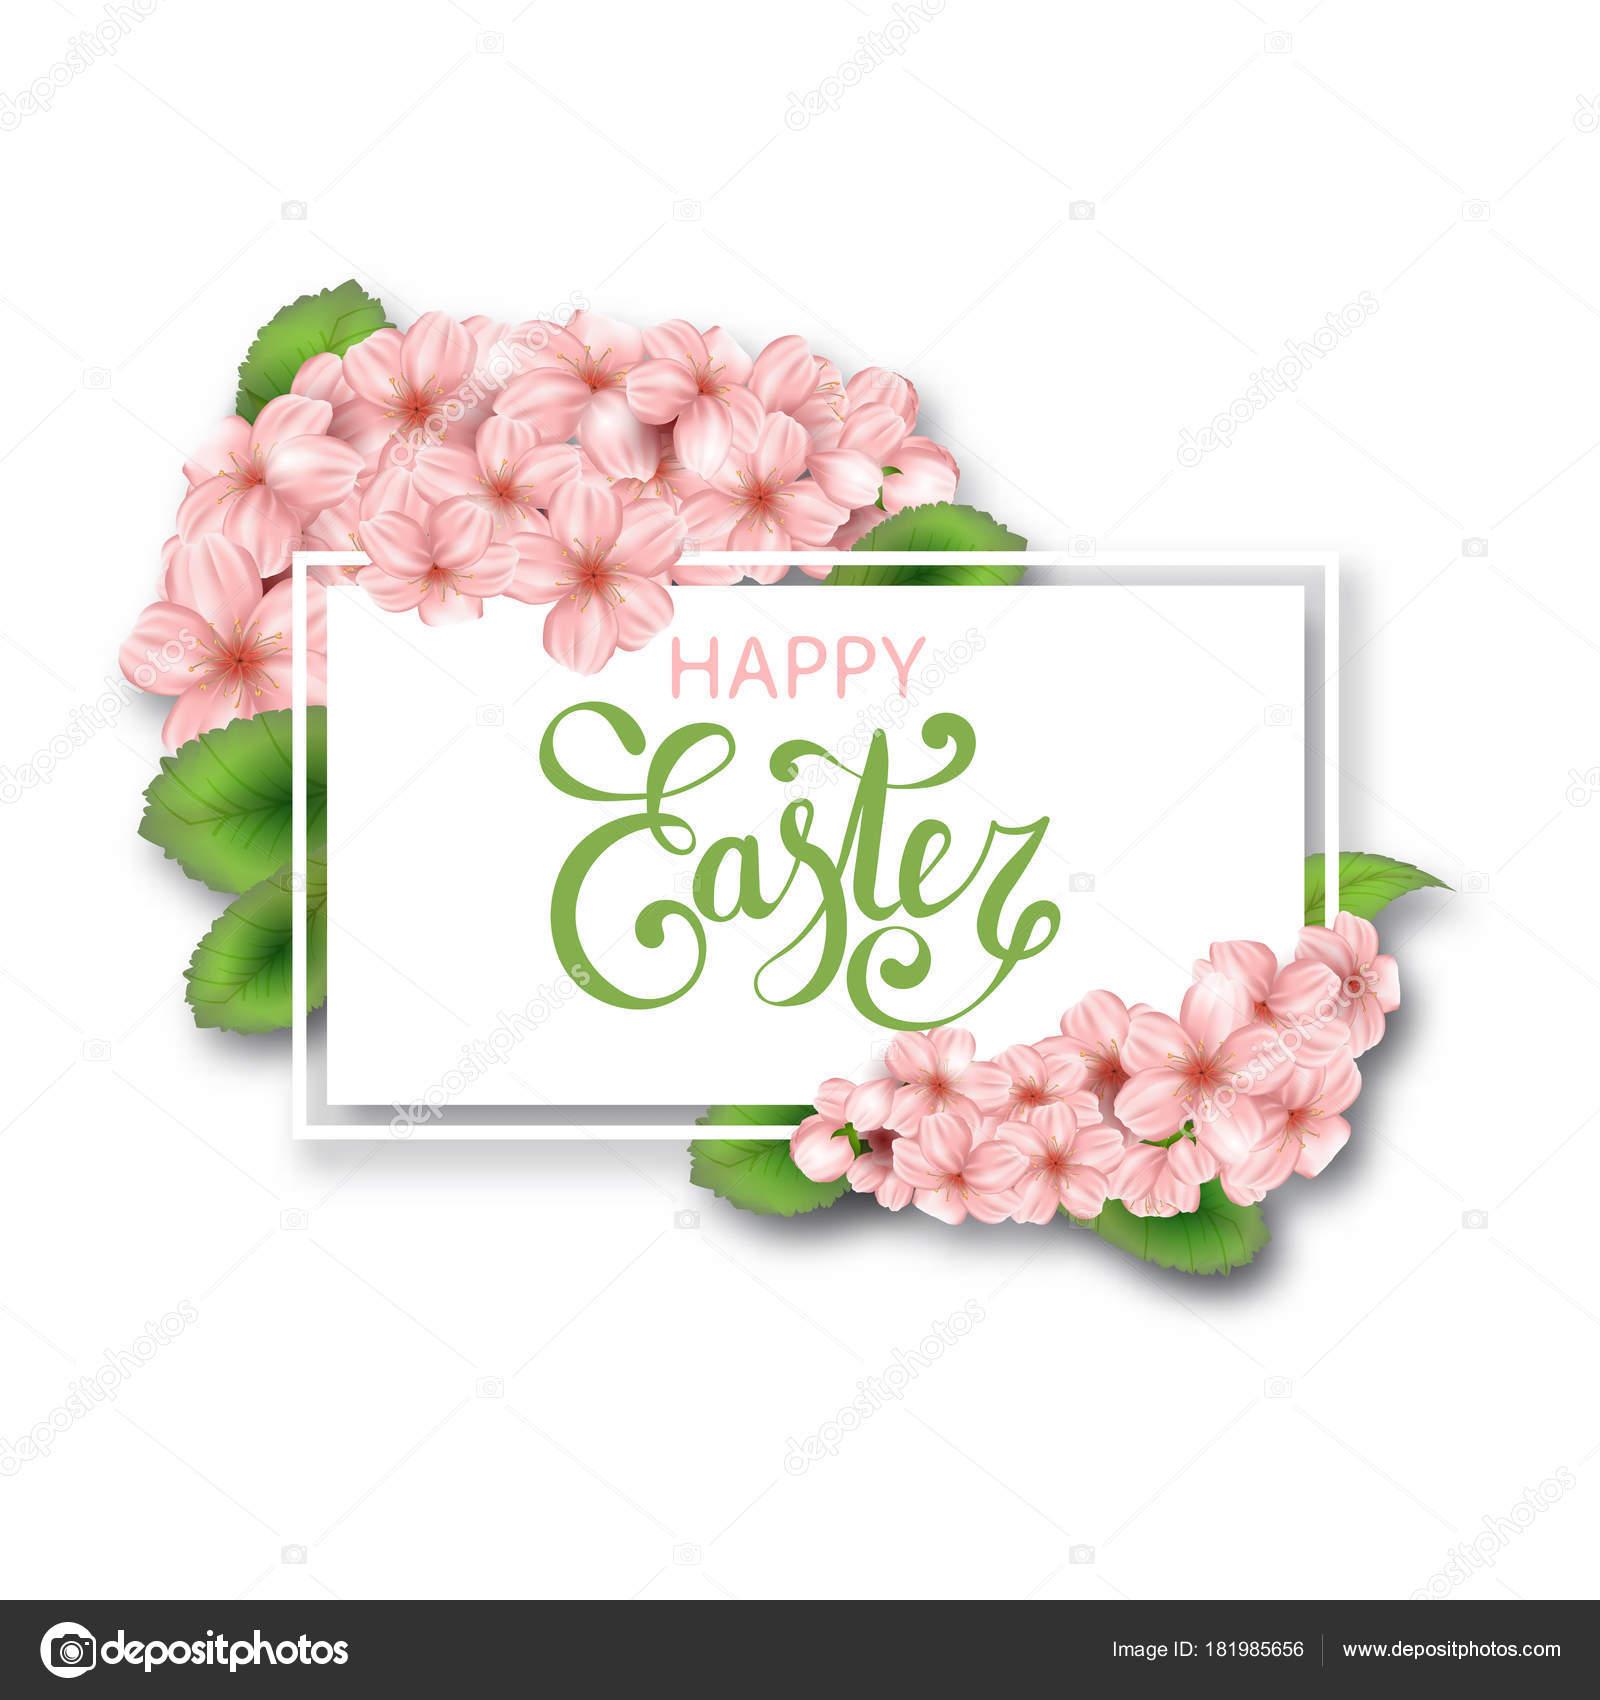 Ostern Vektor Rahmen Mit Realistischen Blüten Und Blätter Frühling ...